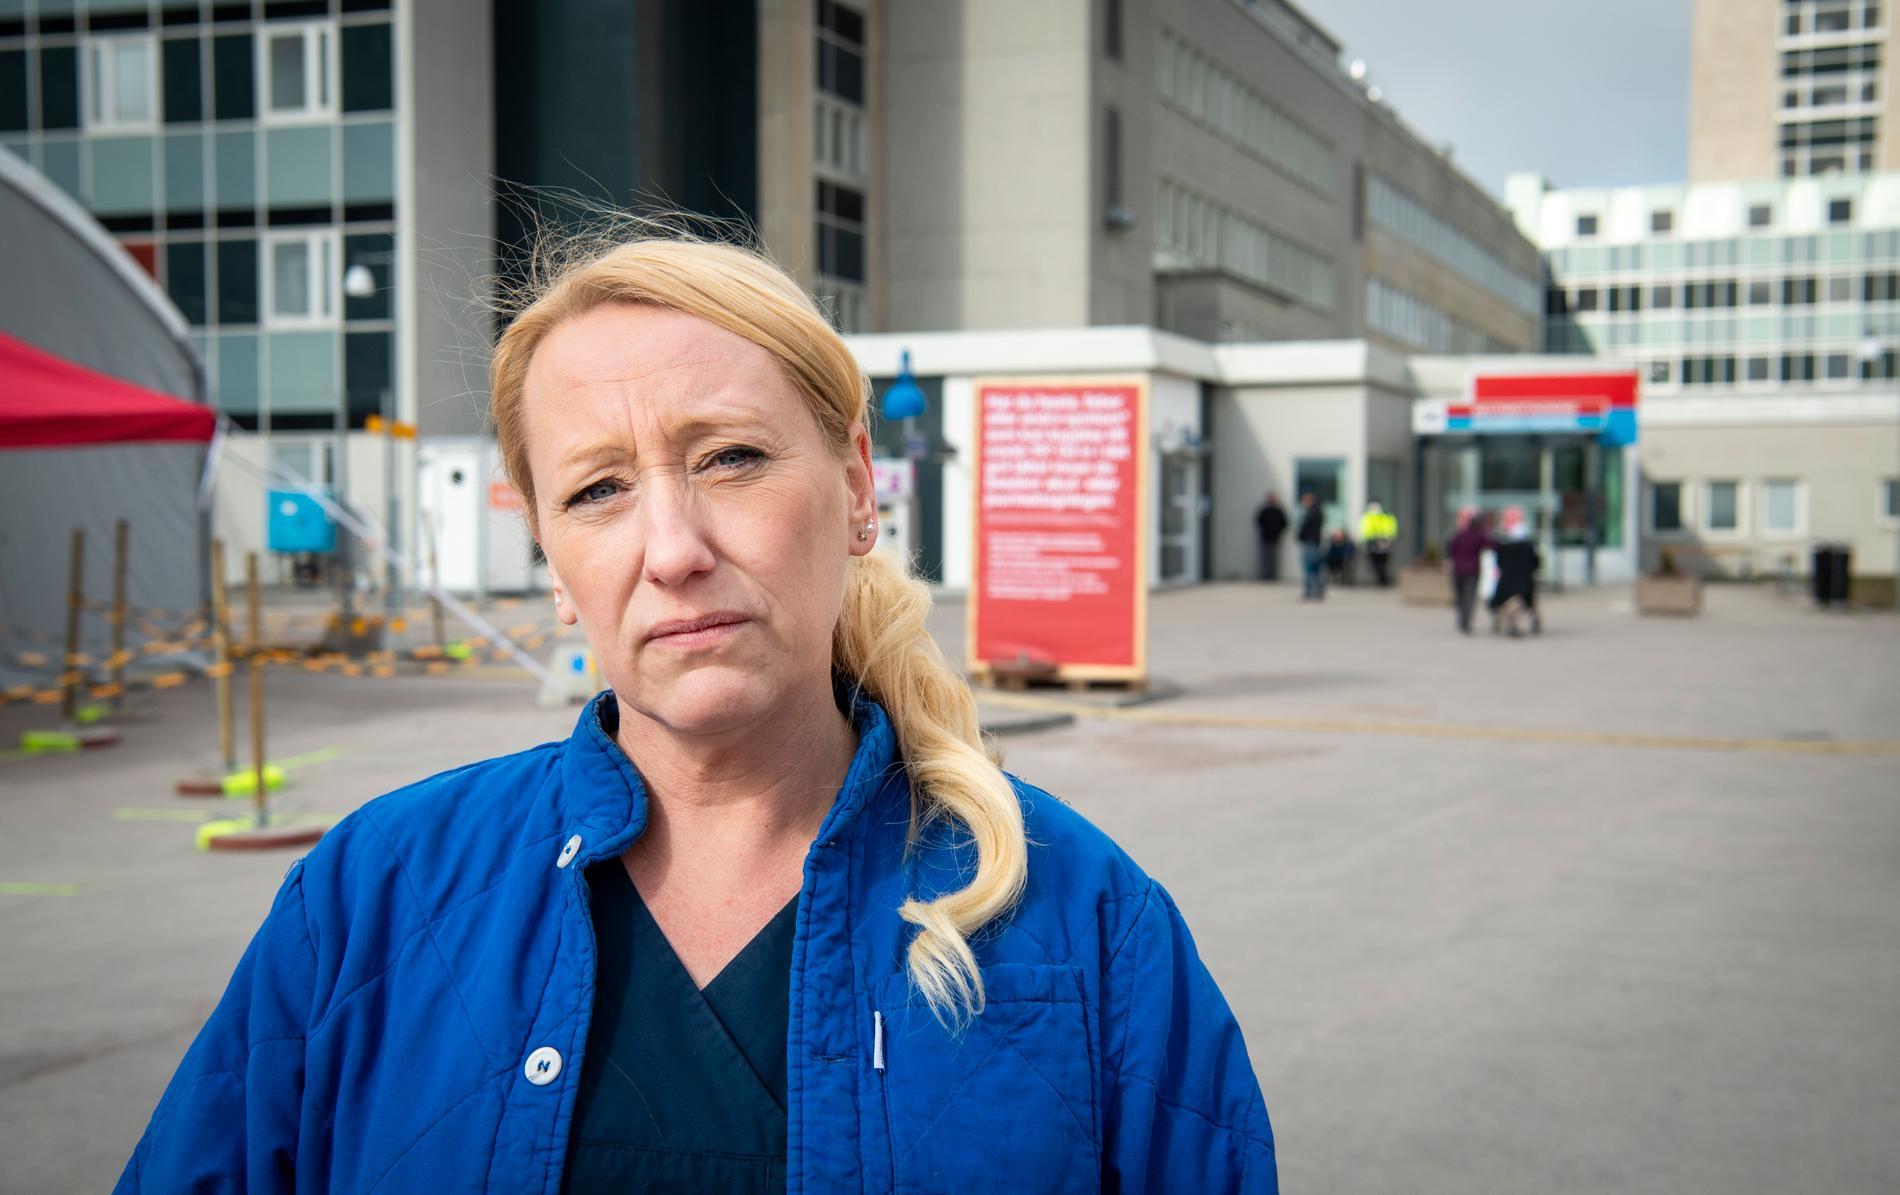 Undersköterskan Maria Valli jobbar på akutmottagning på Västmanlands sjukhus i Västerås